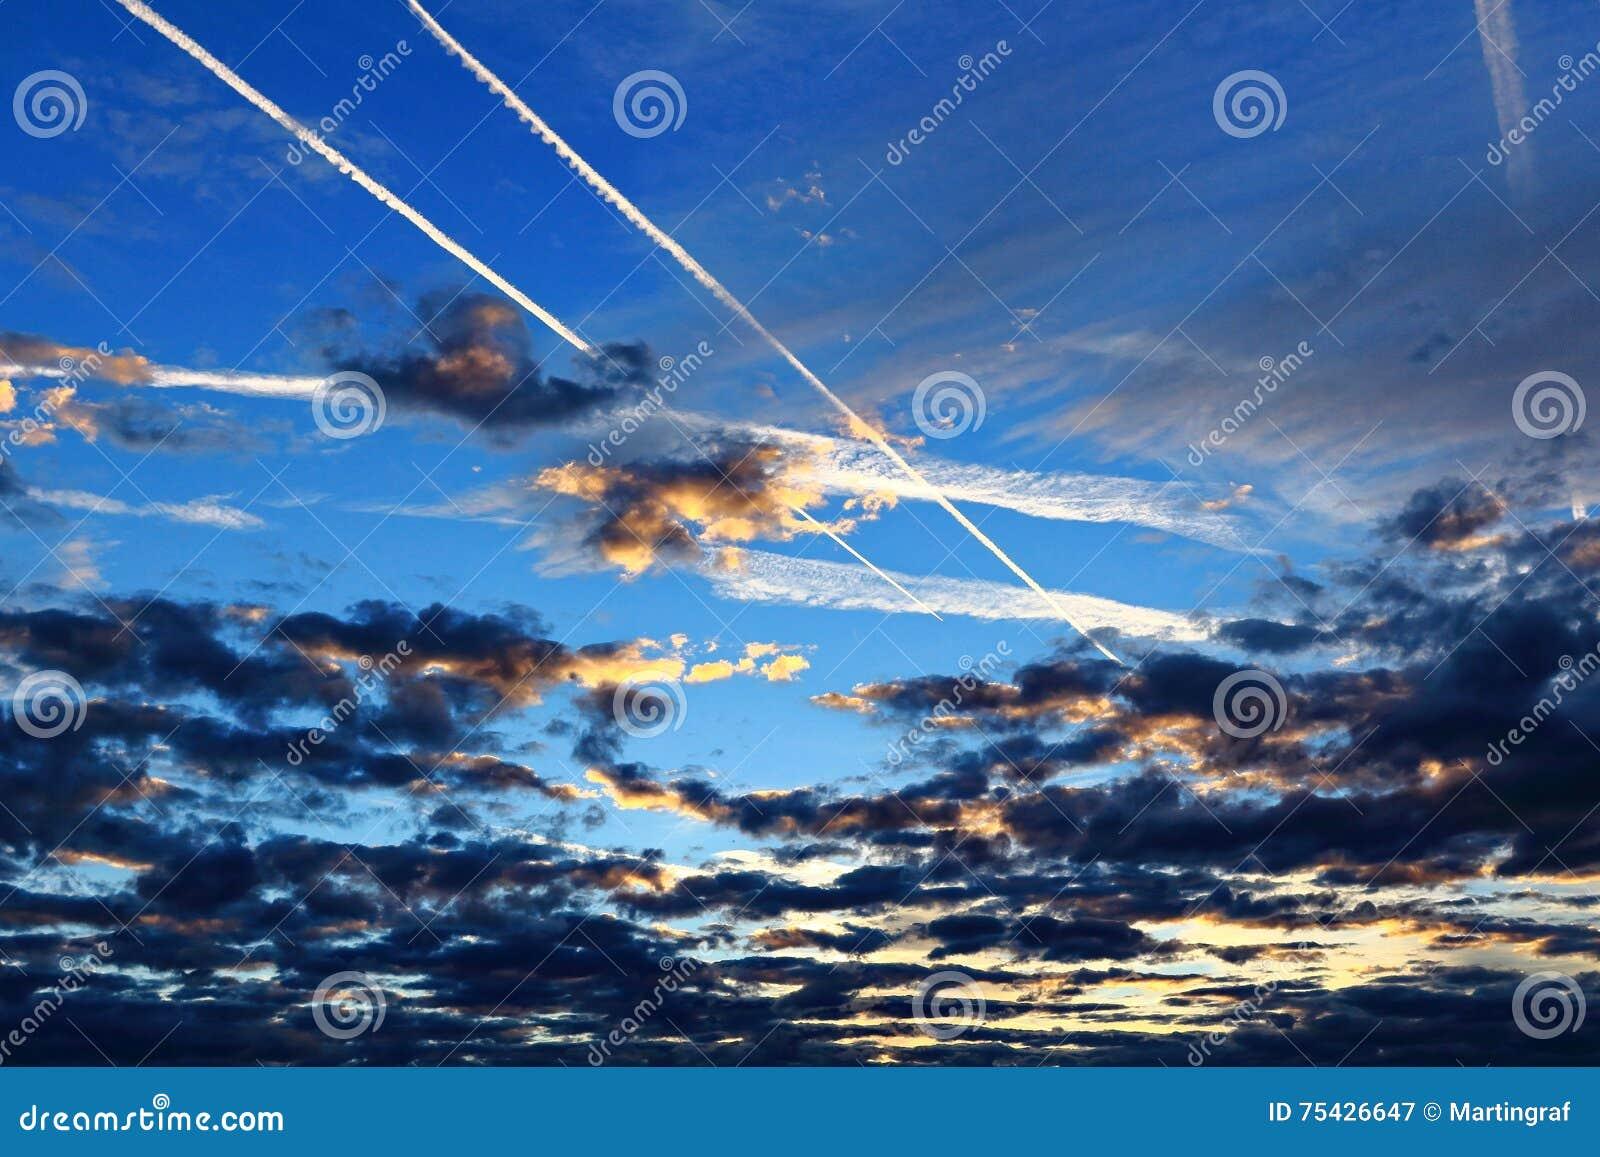 Kondensstreifen über Wolken bis zum blauer Stunde